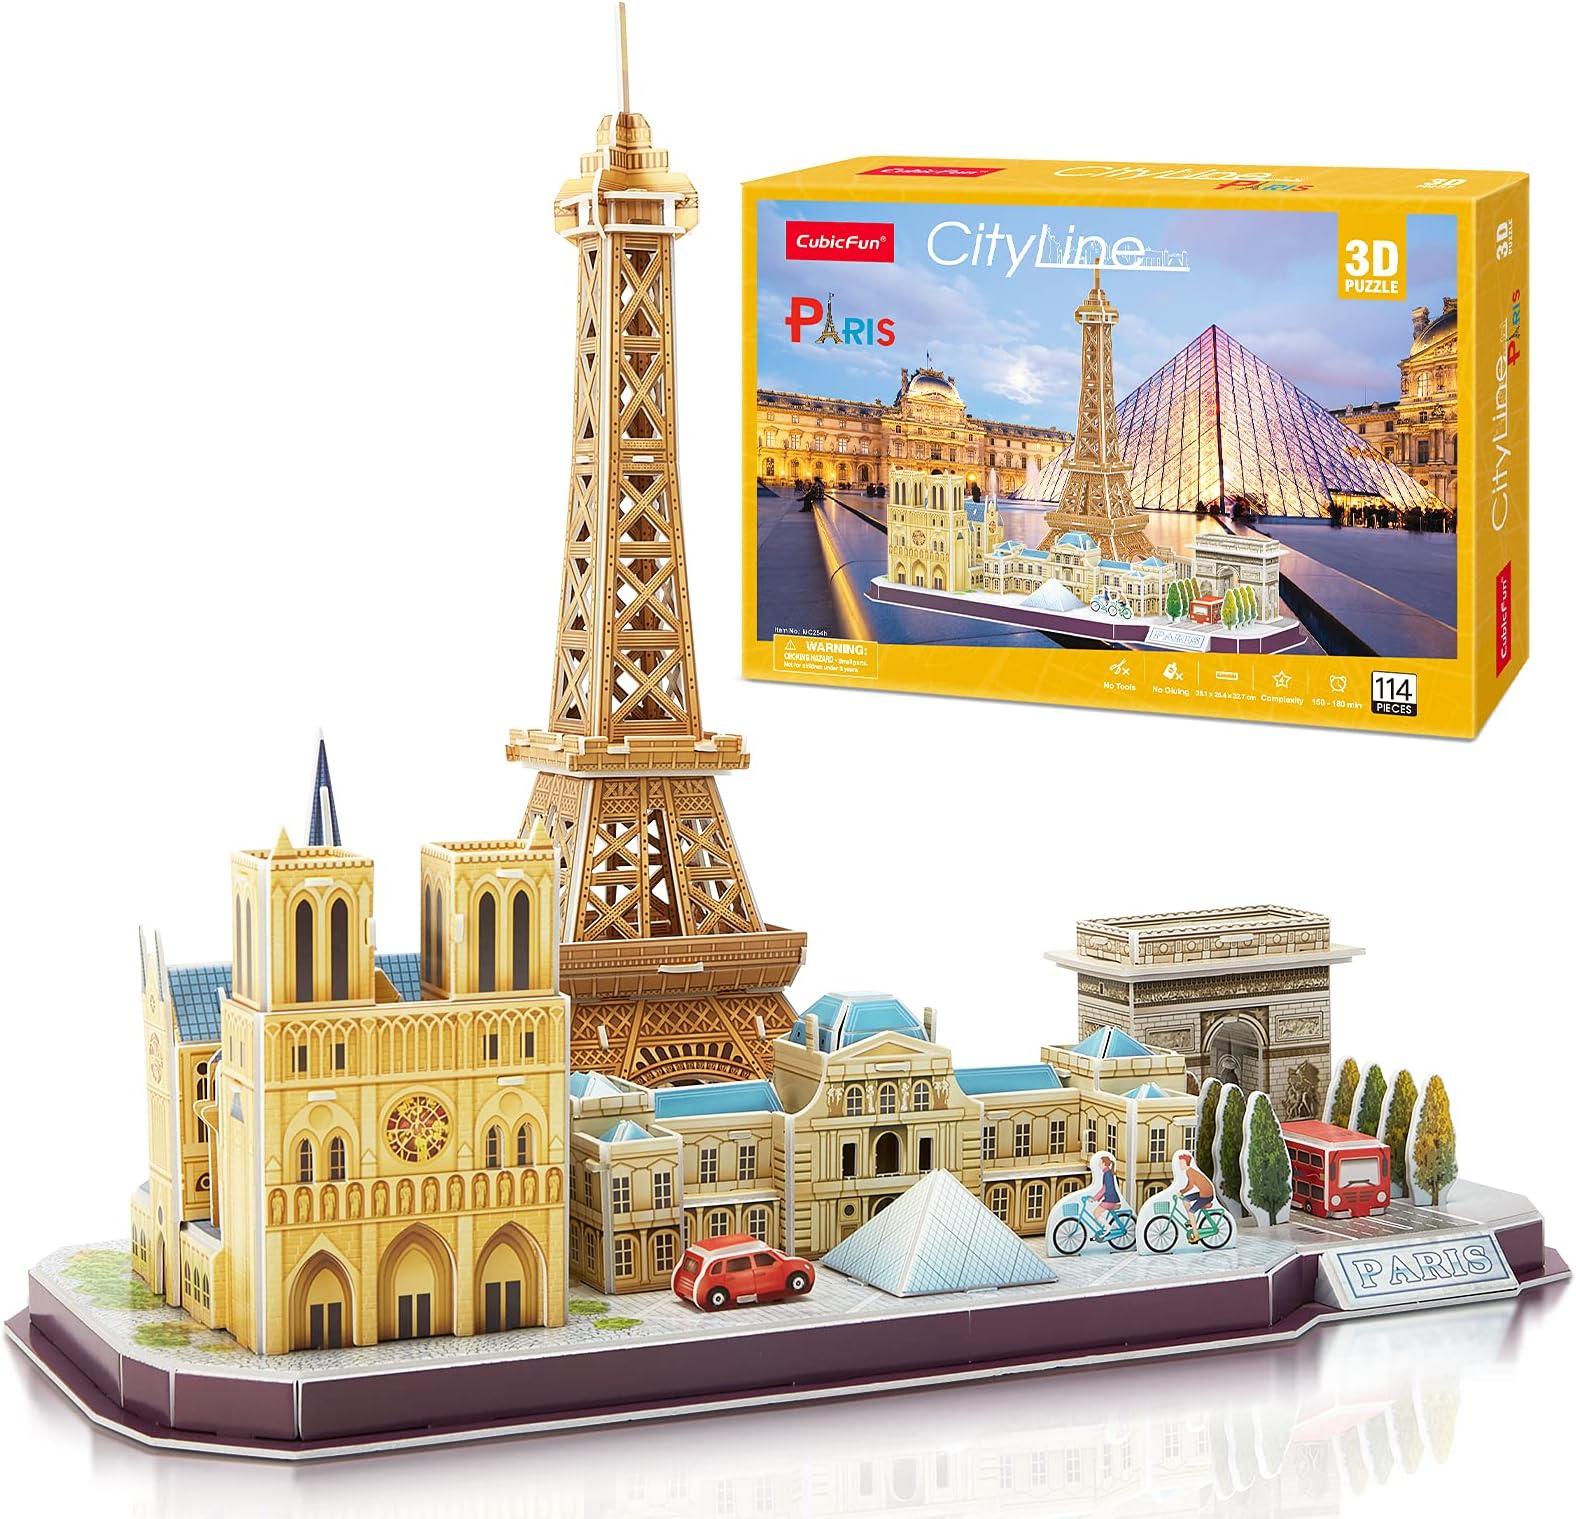 CubicFun 3D Puzzle for Adults and Kids Paris Cityline Architecture Building Model Kits Collection Gift for Women and Men, Eiffel Tower Notre Dame de Paris The Louvre 114 Pieces